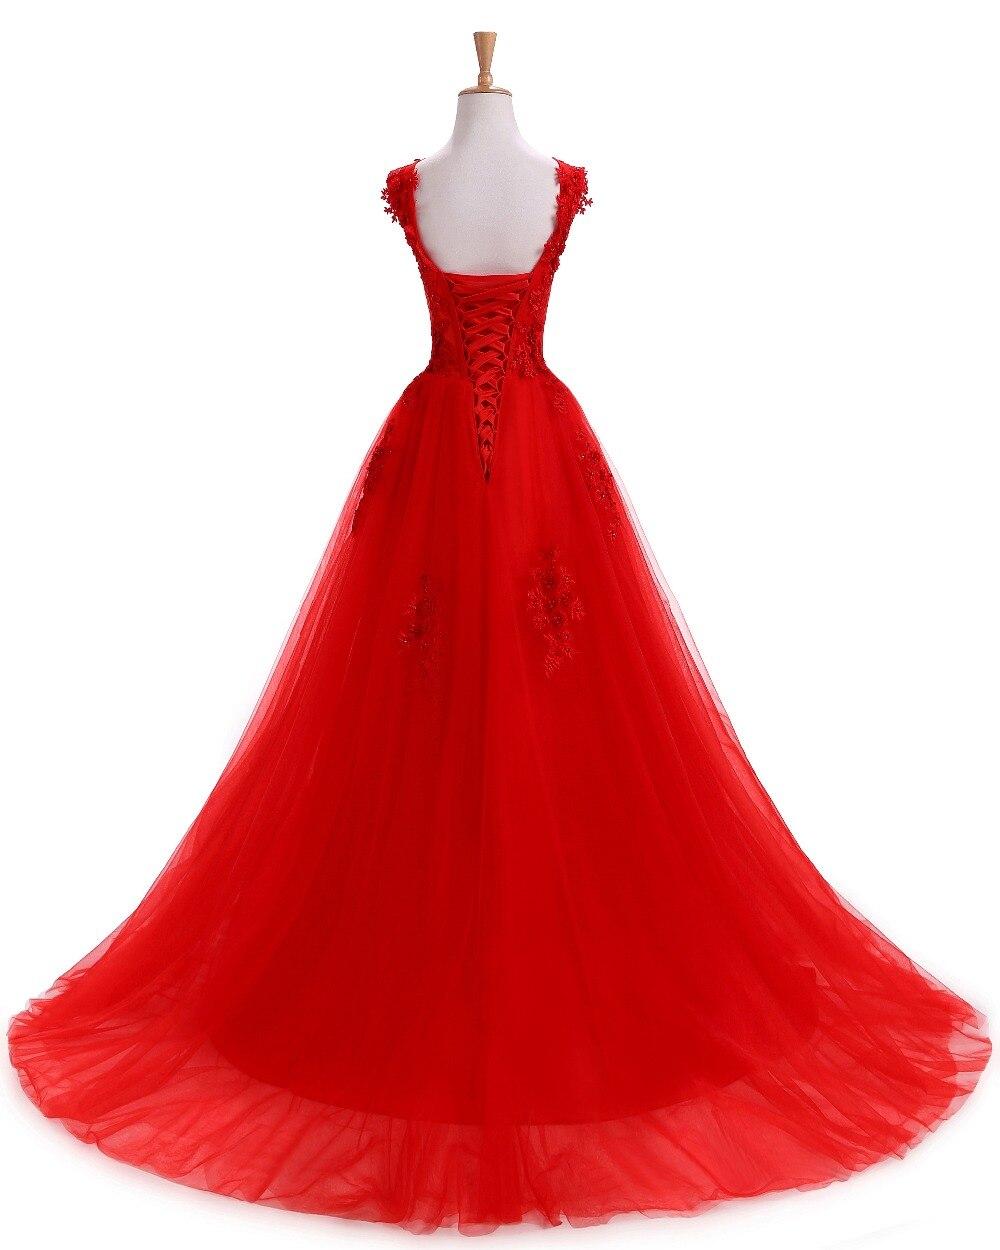 Robe De soirée rouge robes De soirée longue grande taille Tulle bal dentelle Robe perlée robes De Festa Elie Saab Abendkleider 2019 - 2